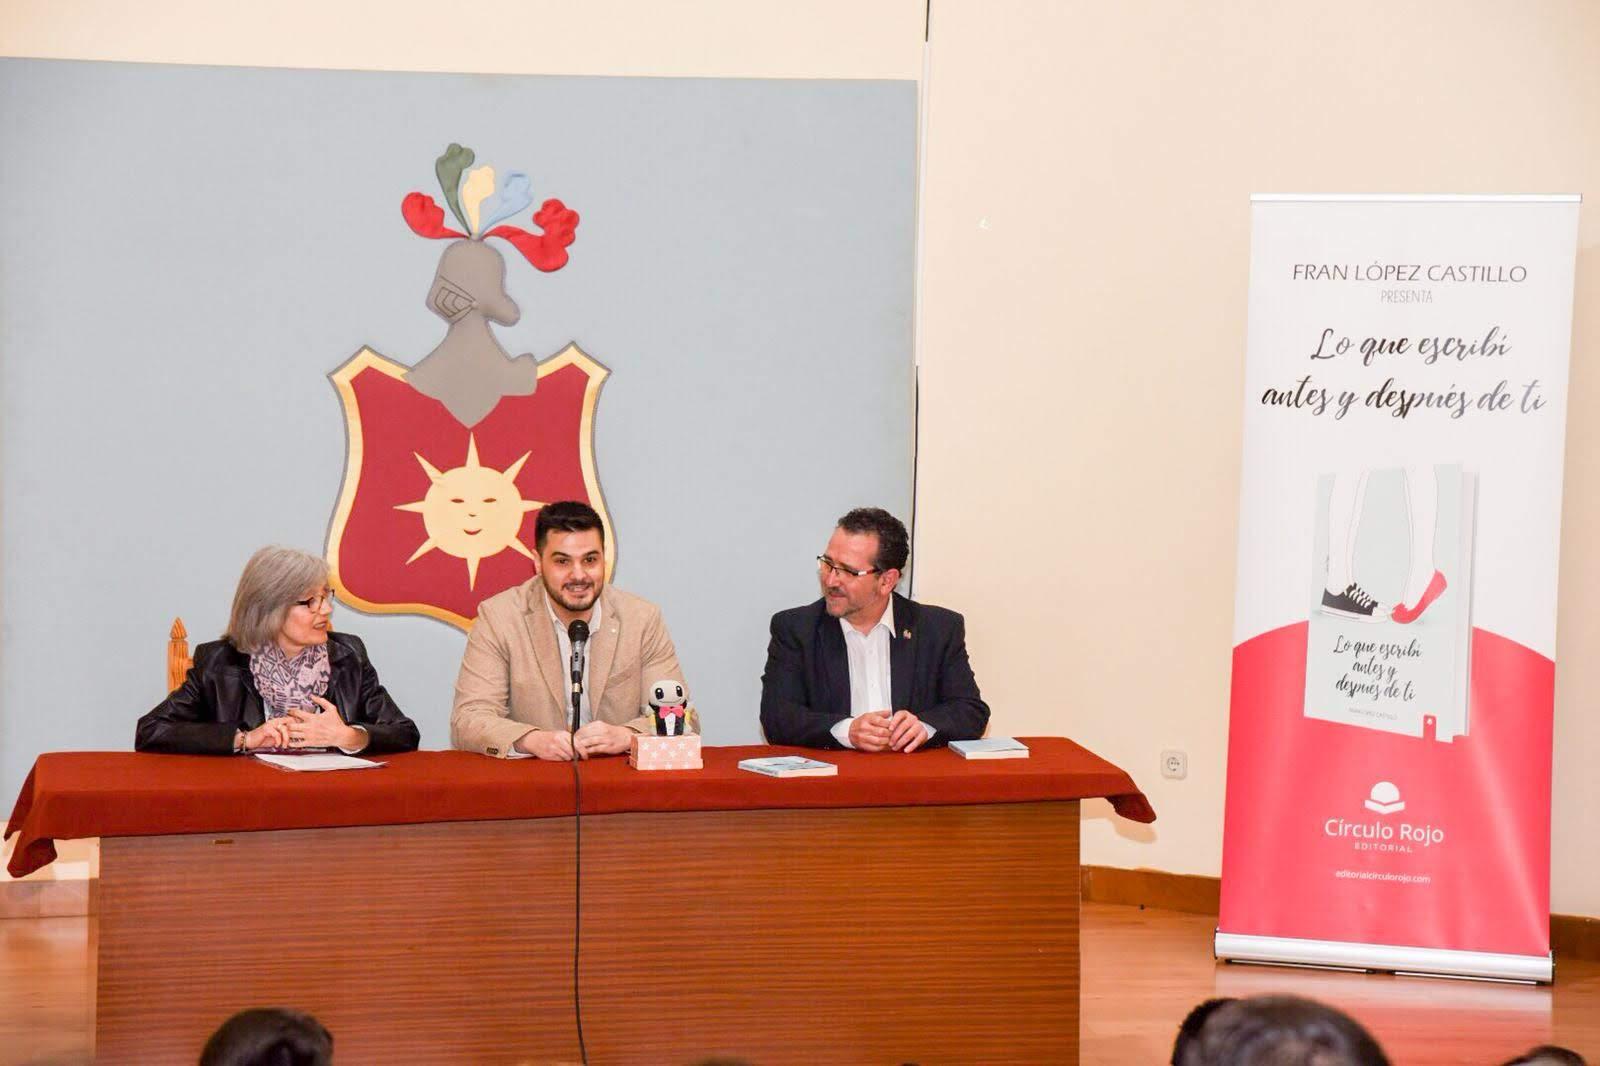 Fran López Castillo presentación en La Solana